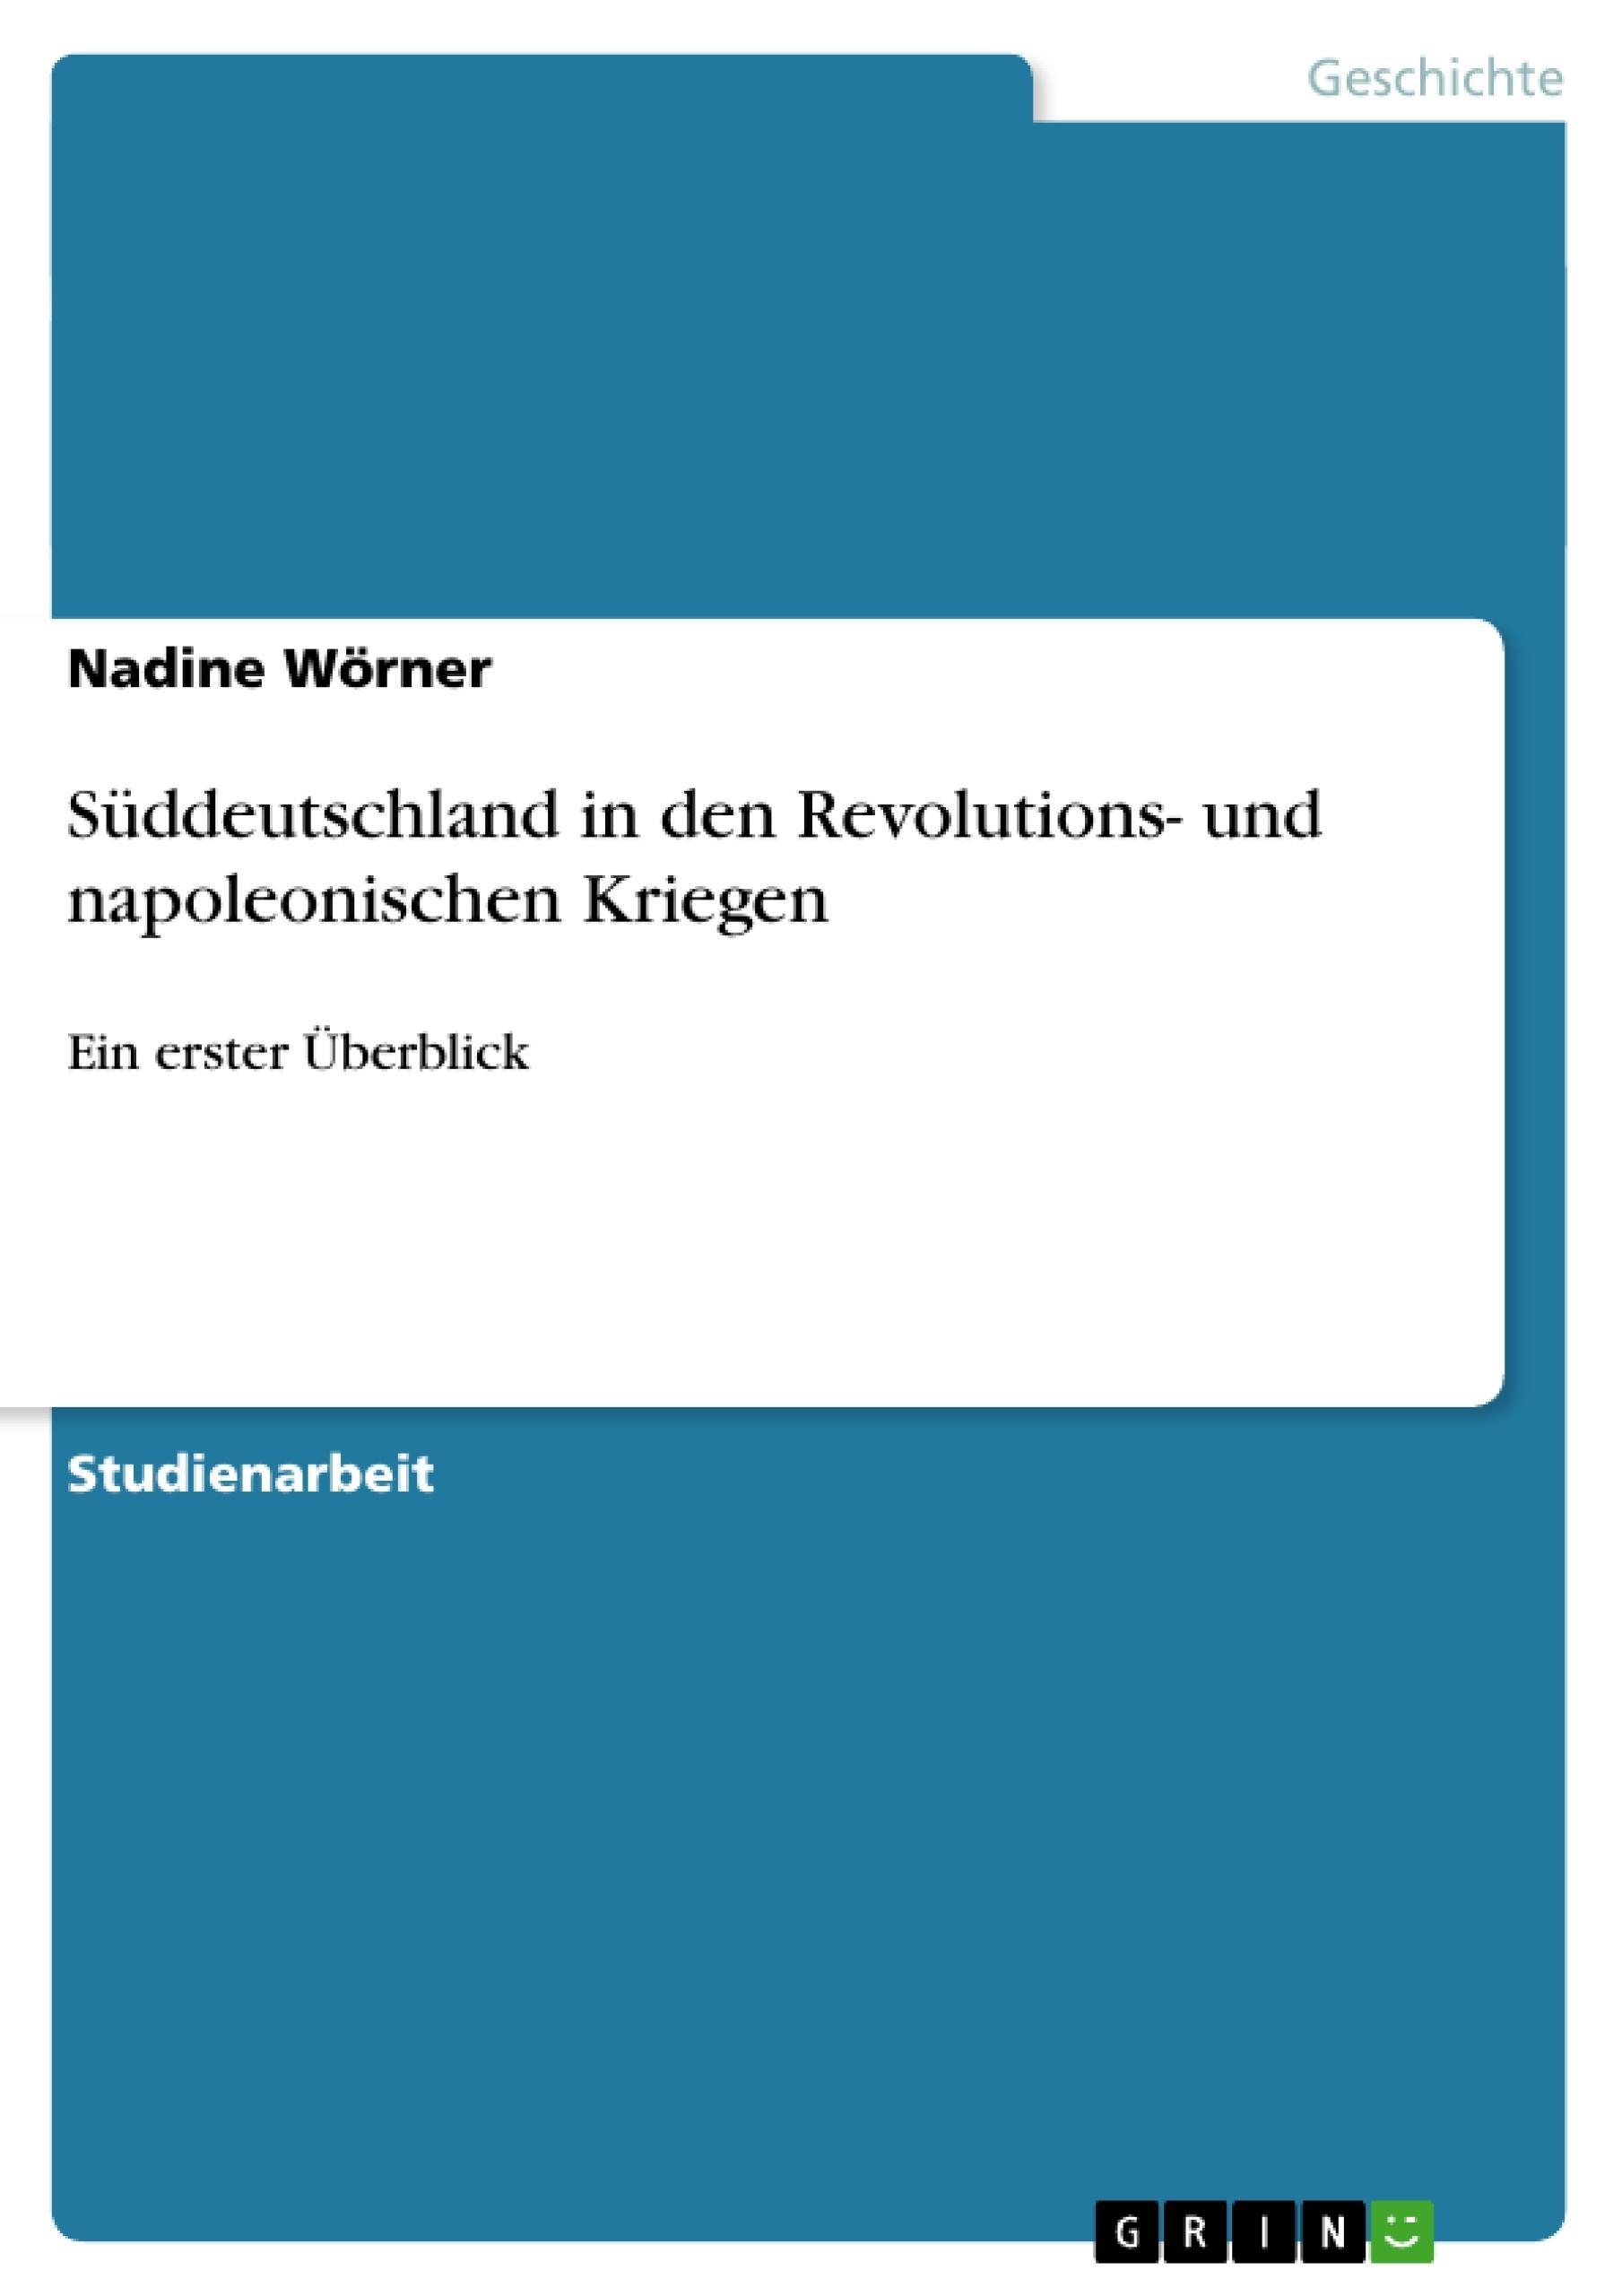 Titel: Süddeutschland in den Revolutions- und napoleonischen Kriegen